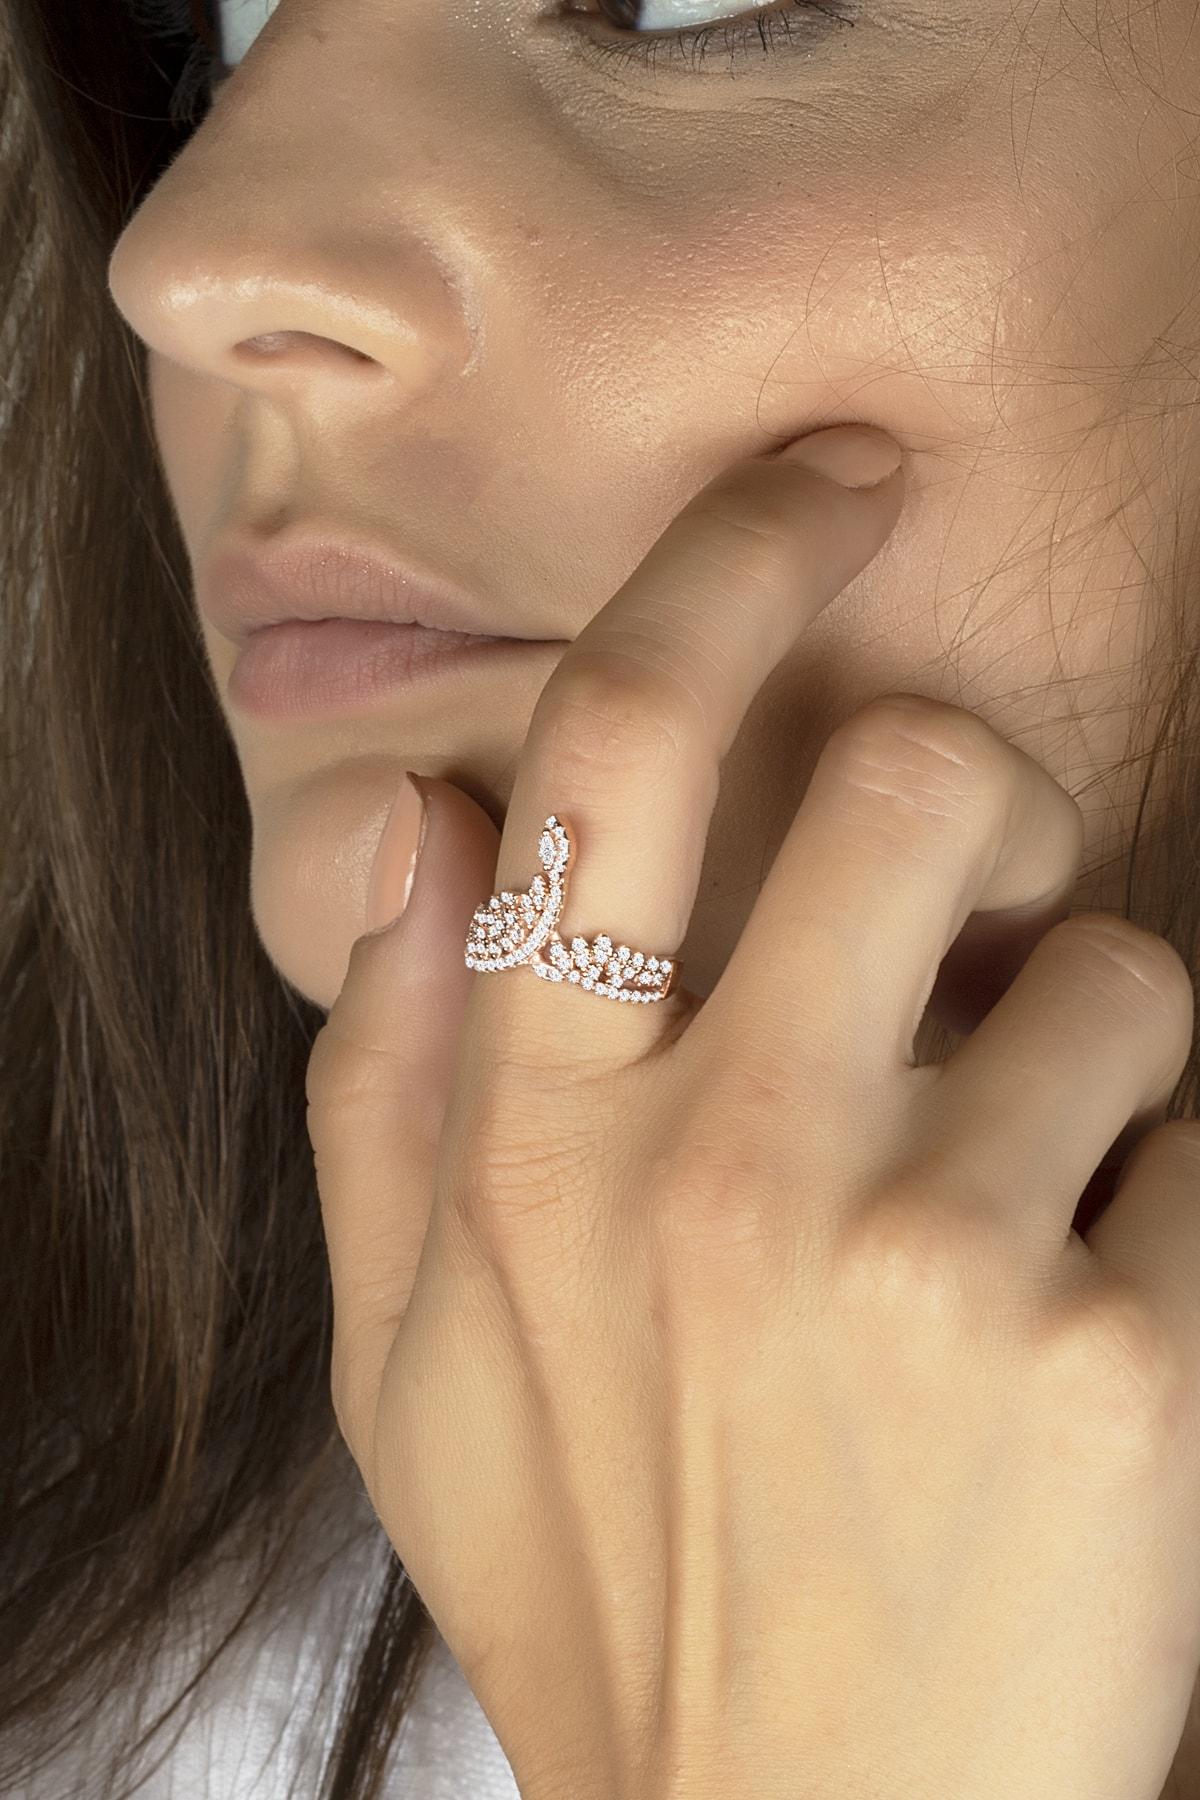 Else Silver Pırlanta Modeli Serpme Taşlı Gümüş Bayan Yüzüğü 1